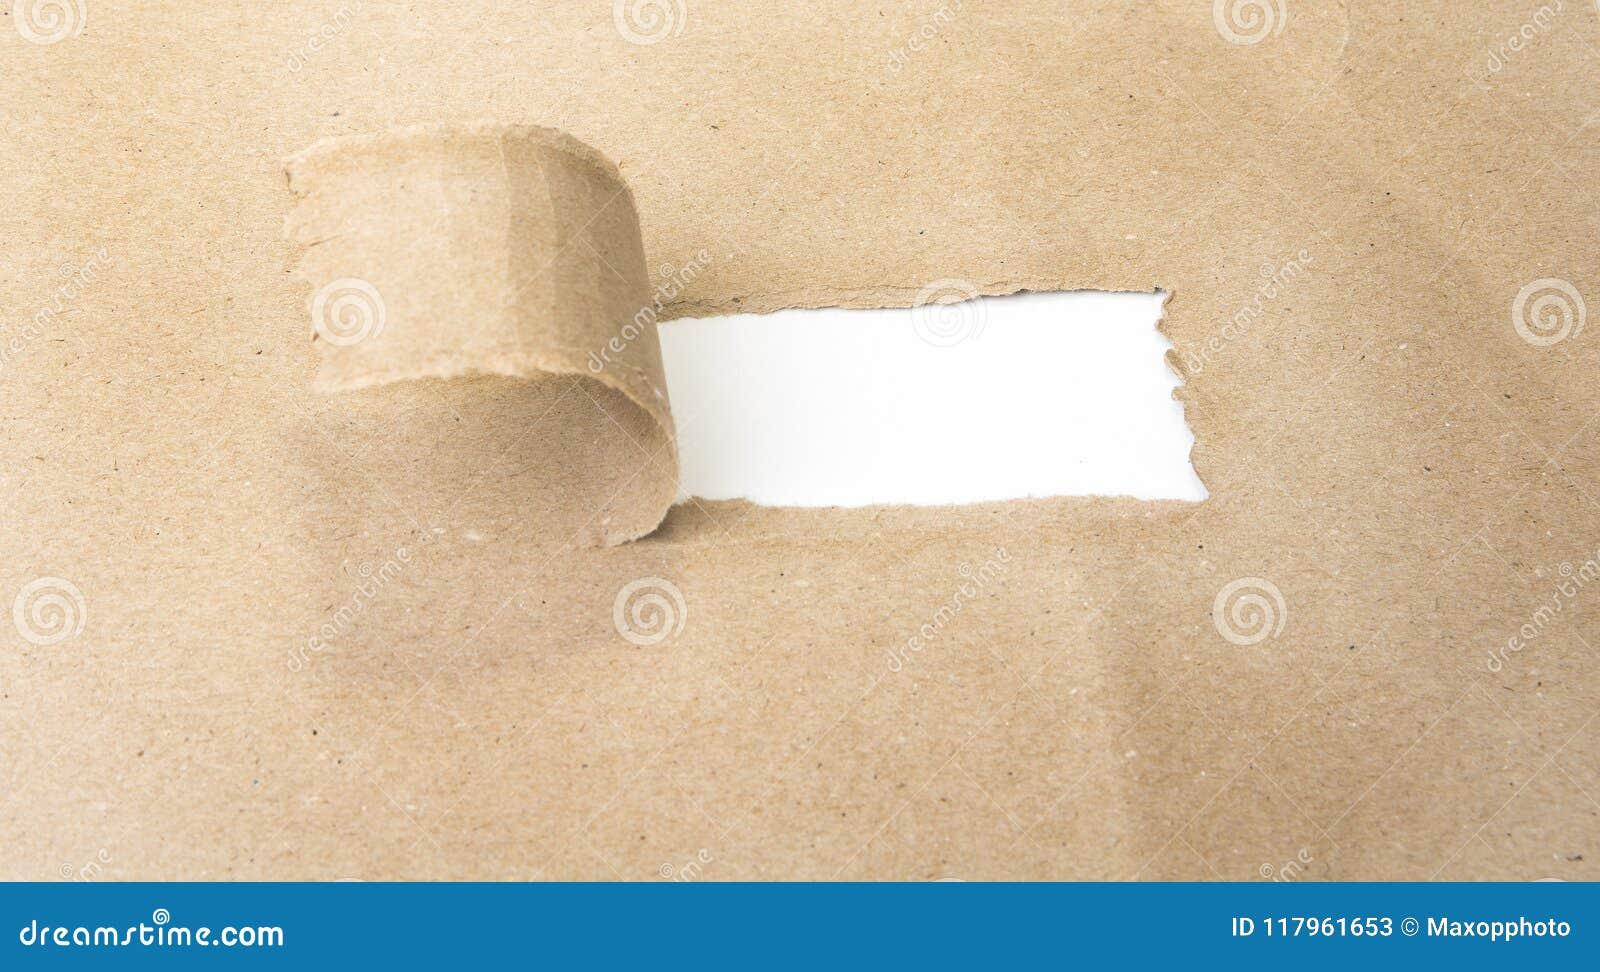 Esconda el papel marrón rasgado que revela nuevos desafíos